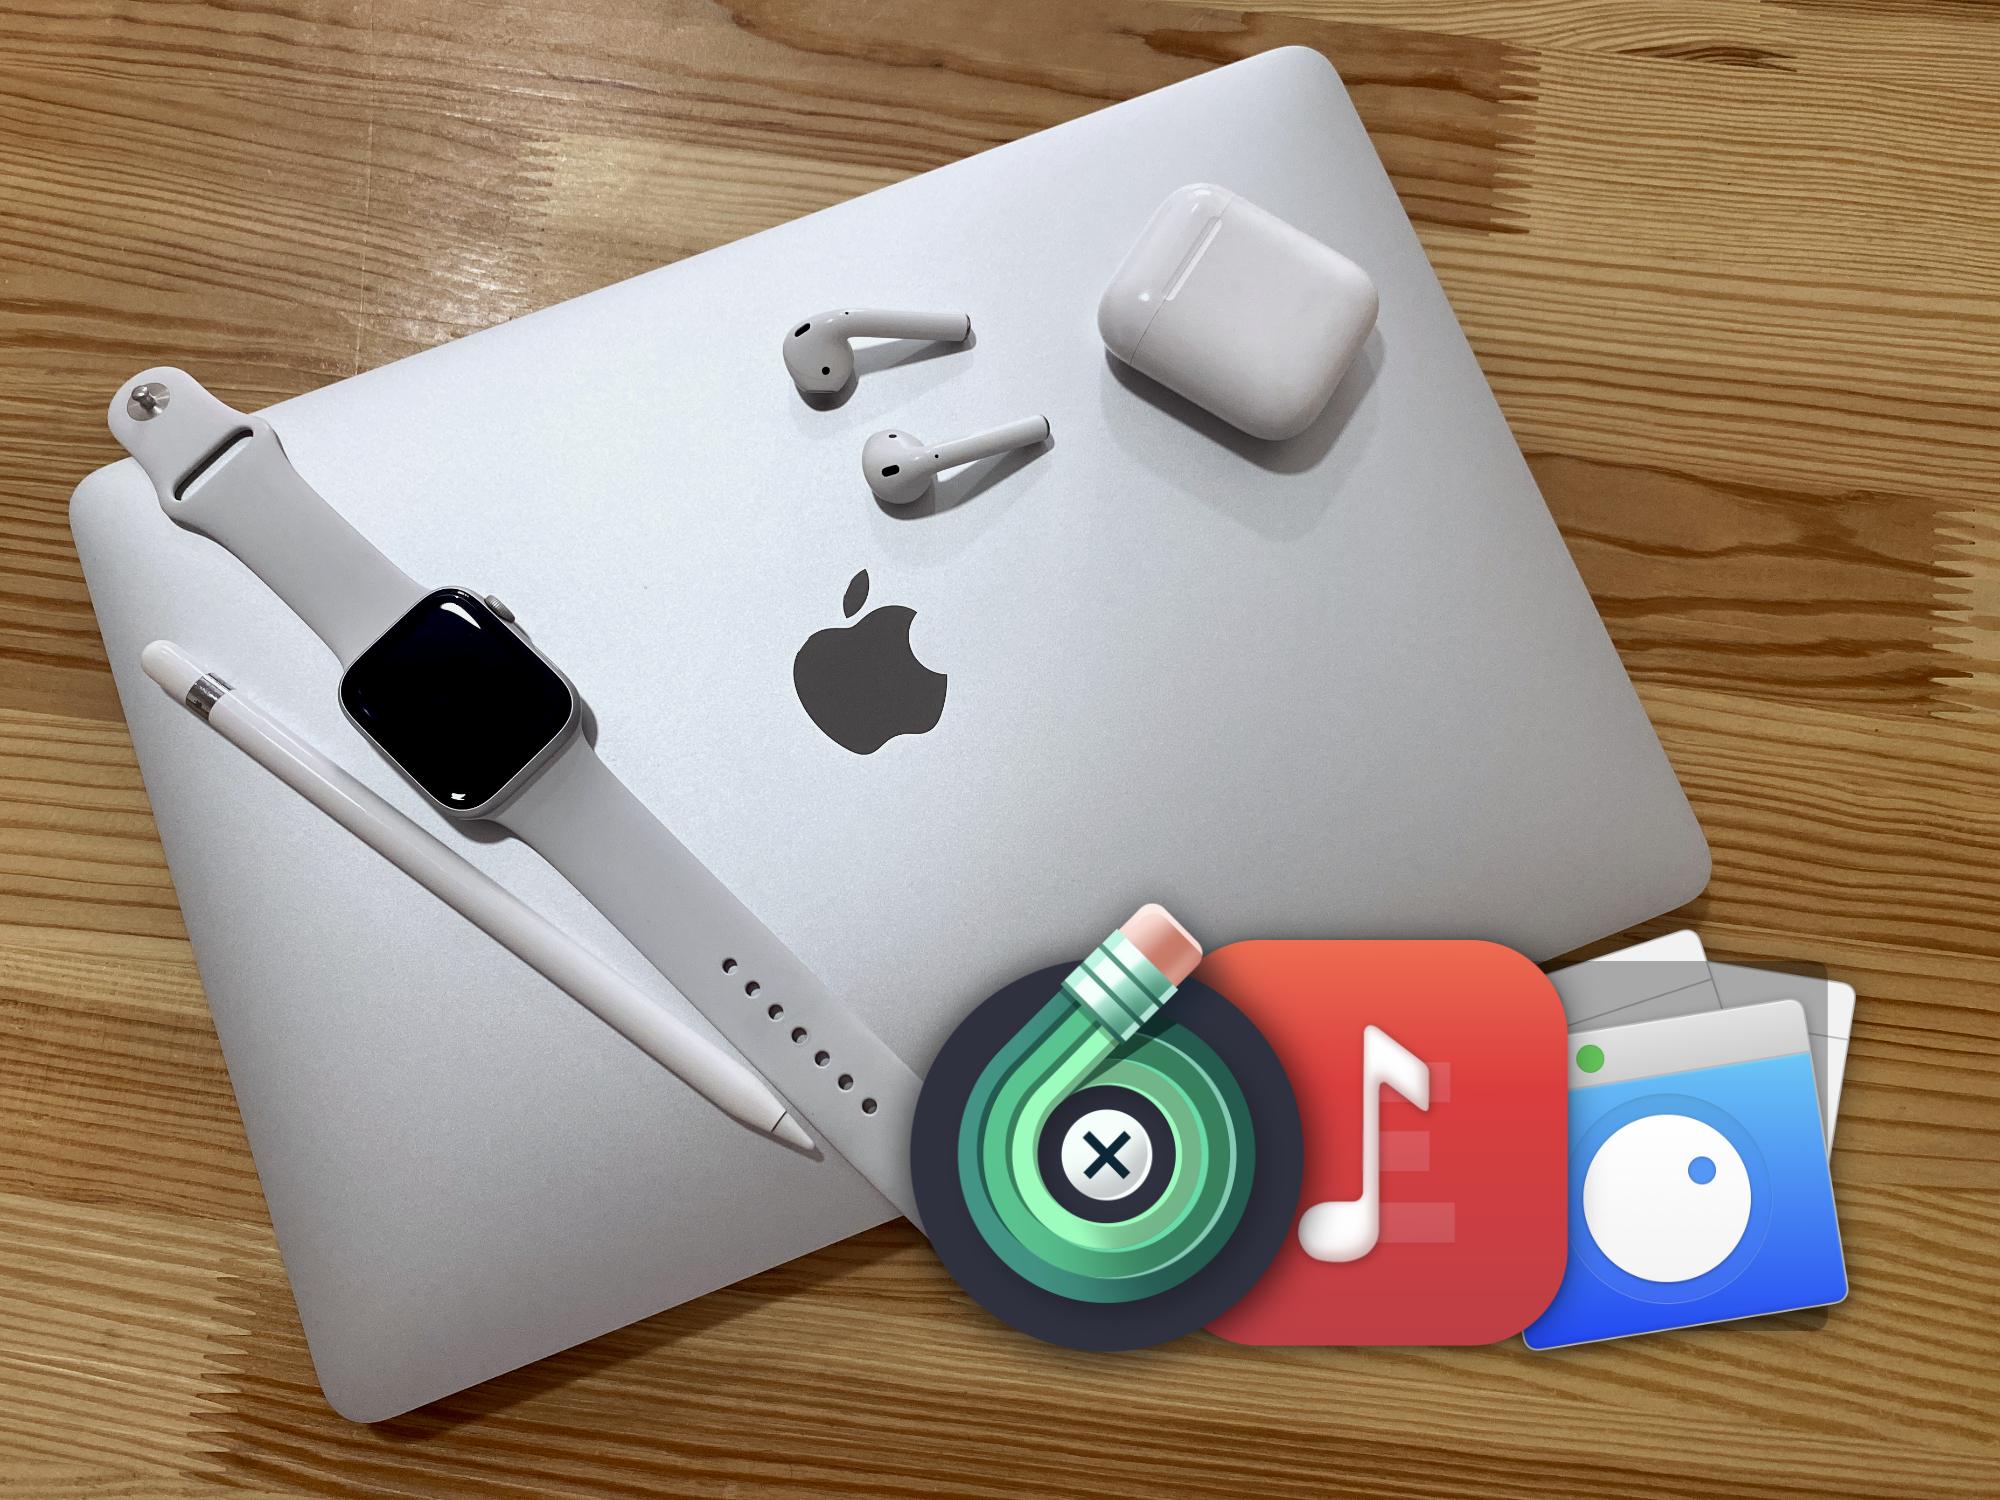 Запуск Android-приложений и ещё 9 полезных программ для Mac, о которых мало кто знает